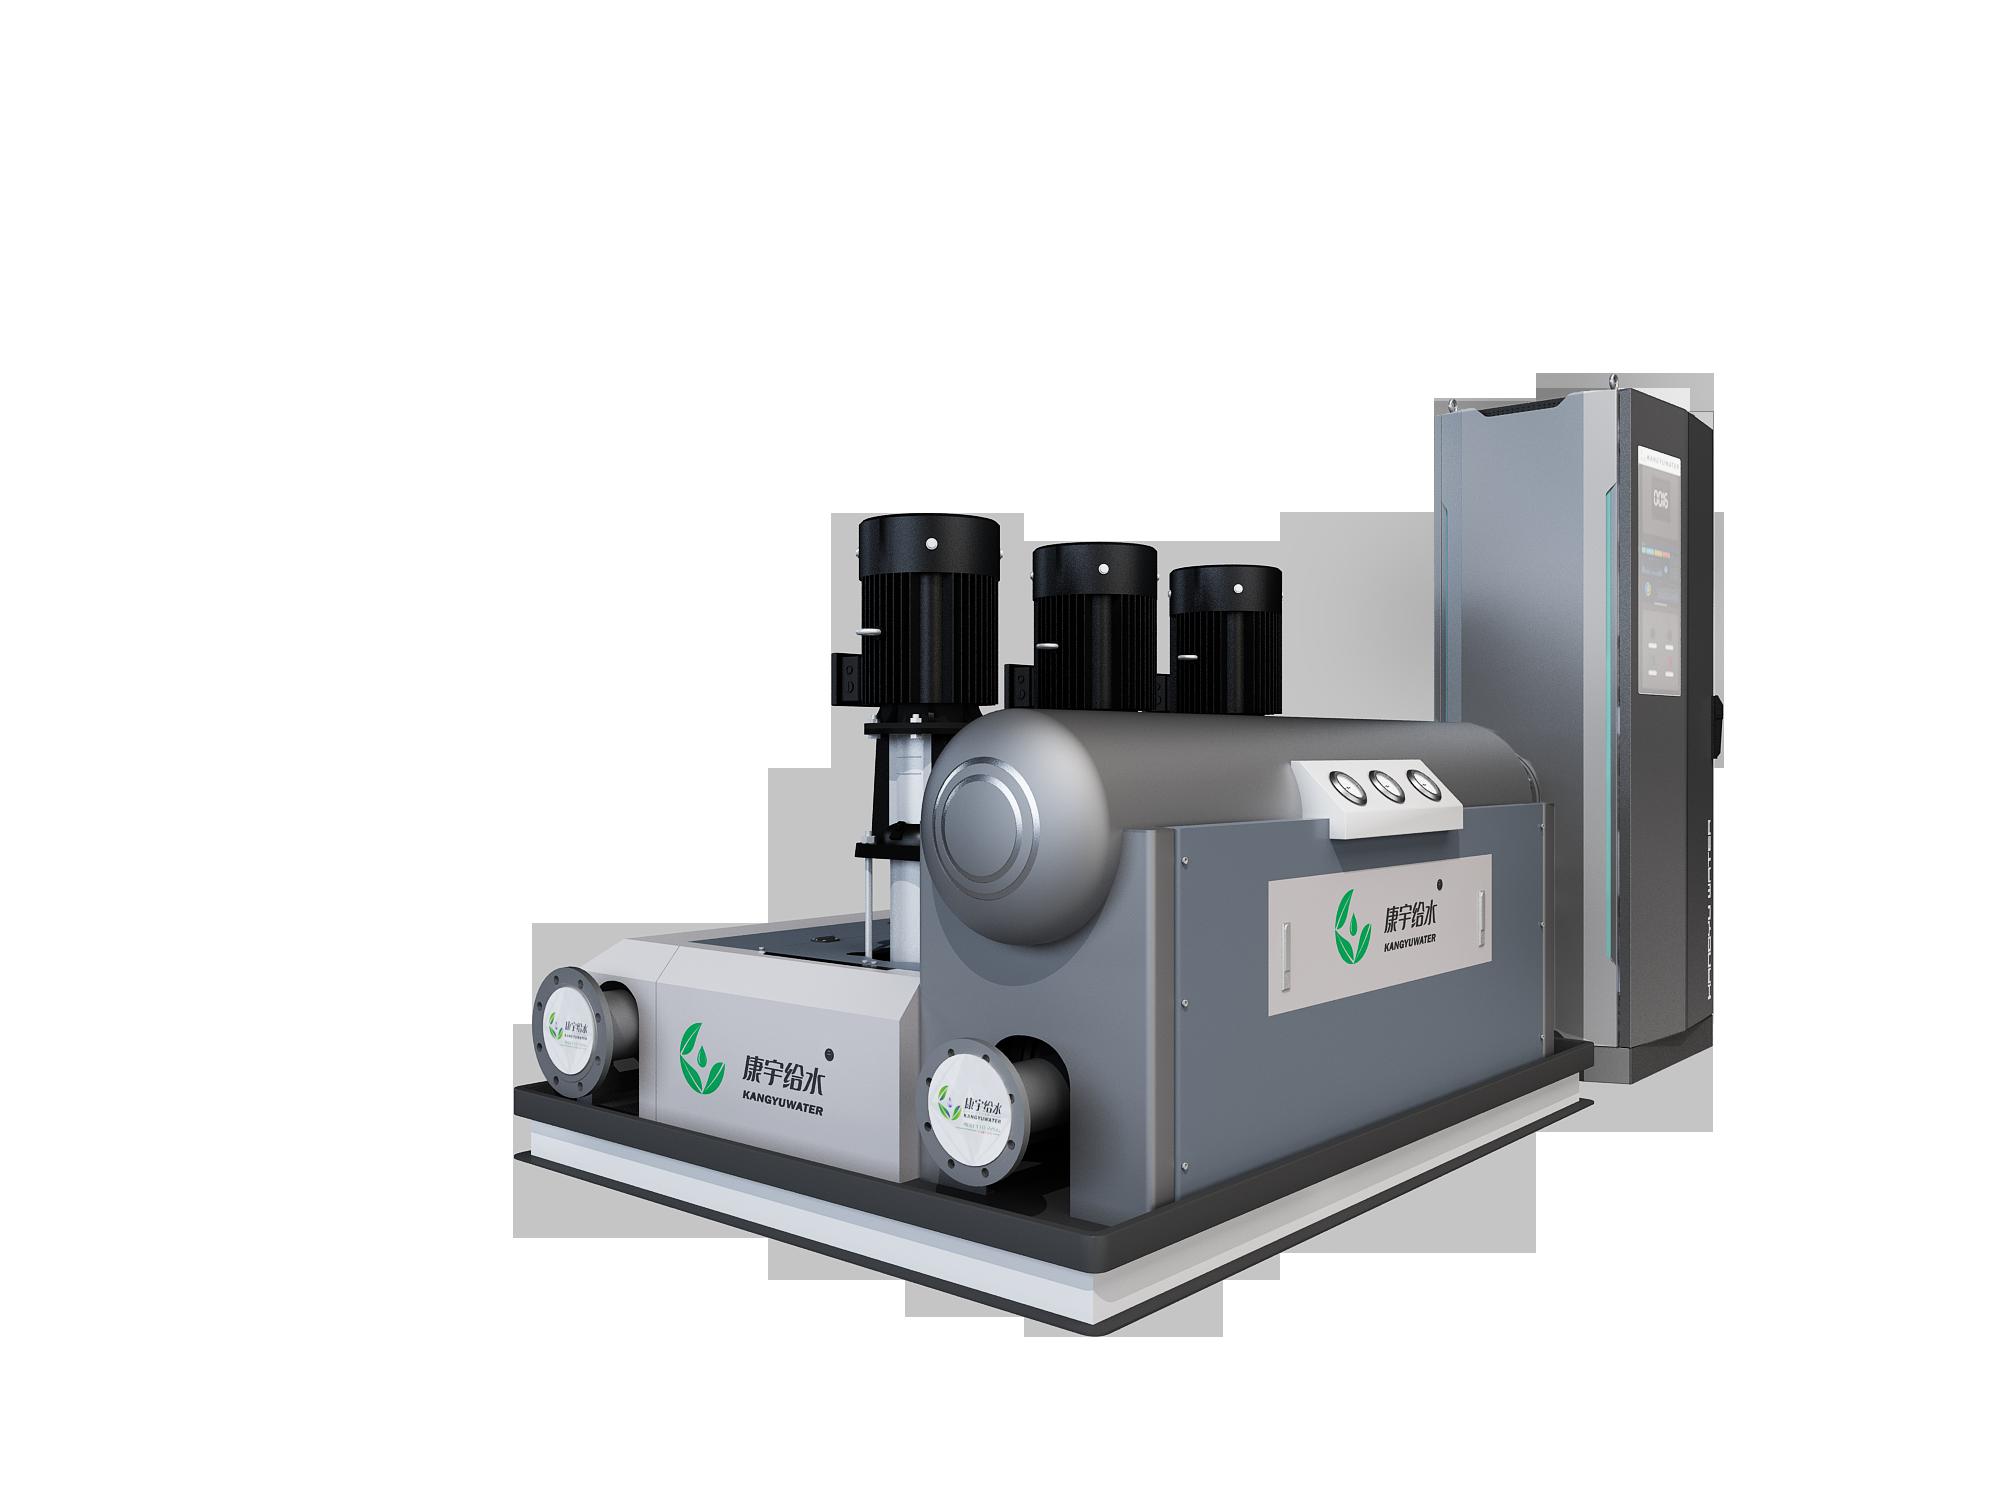 新款BPG系列变频恒压给水设备